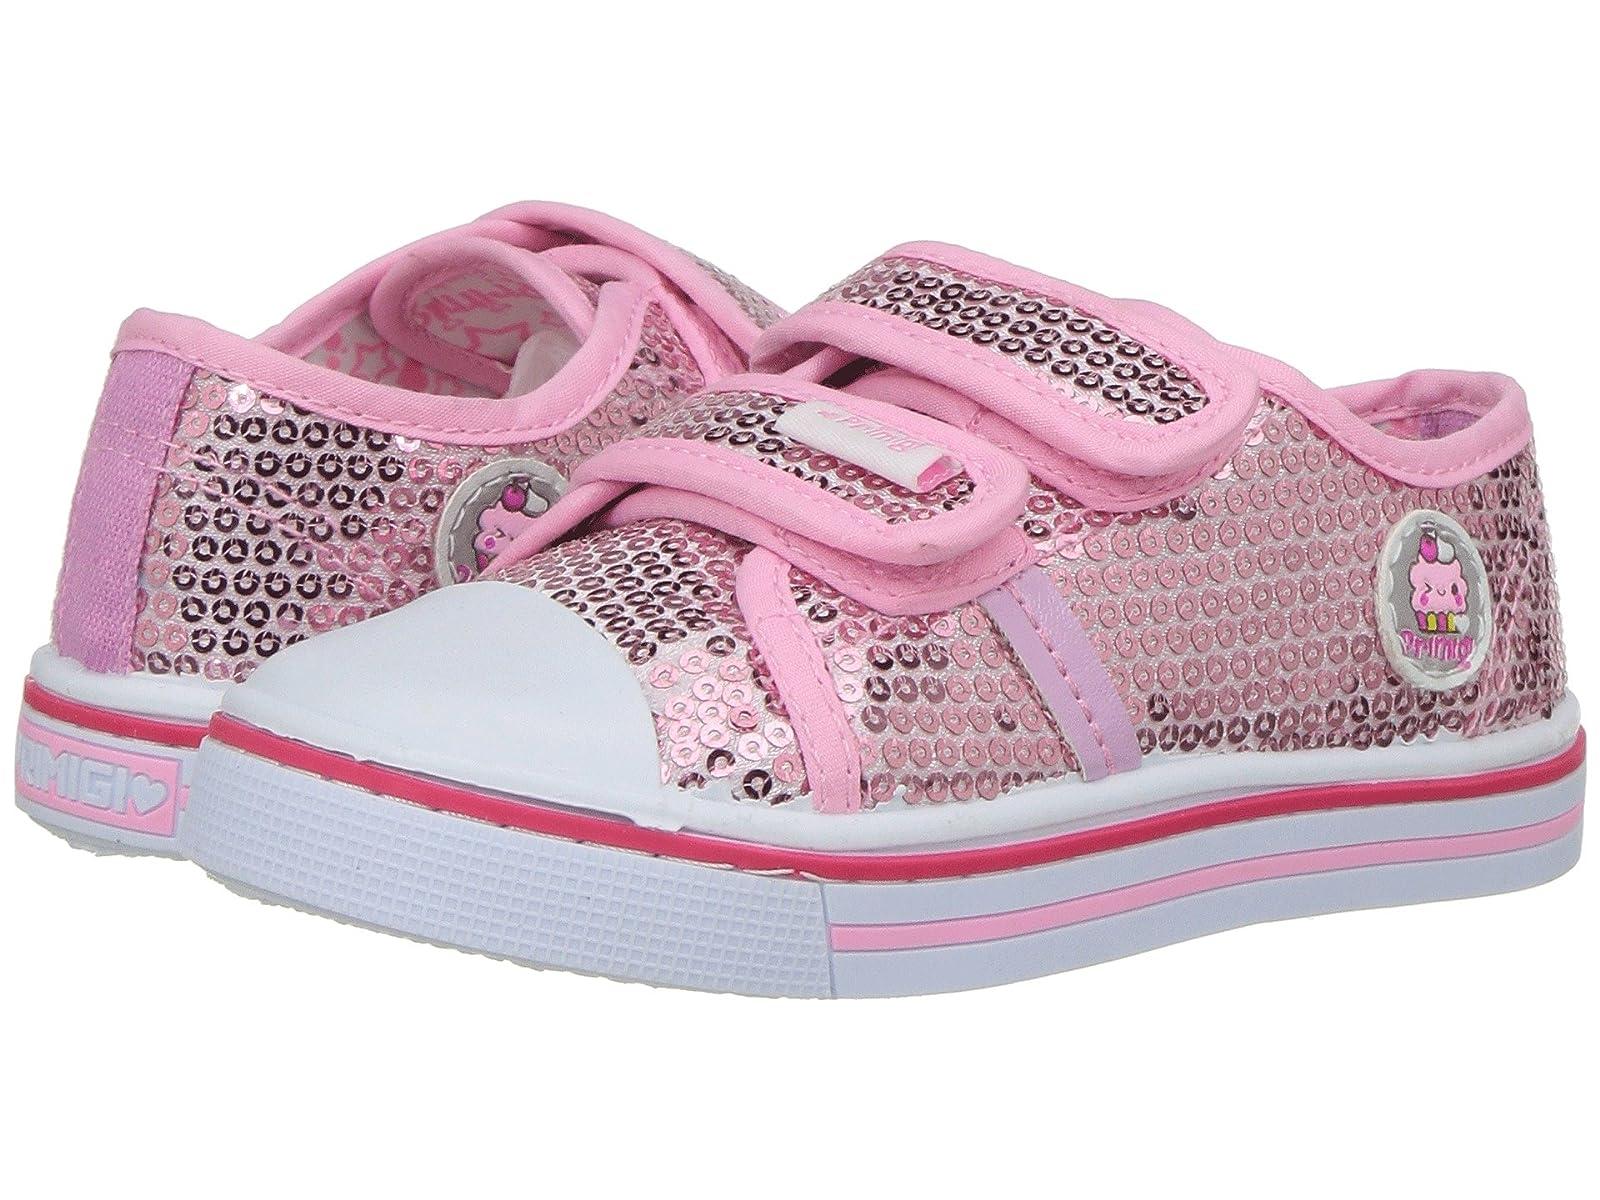 Primigi Kids PBU 14455 (Toddler)Atmospheric grades have affordable shoes